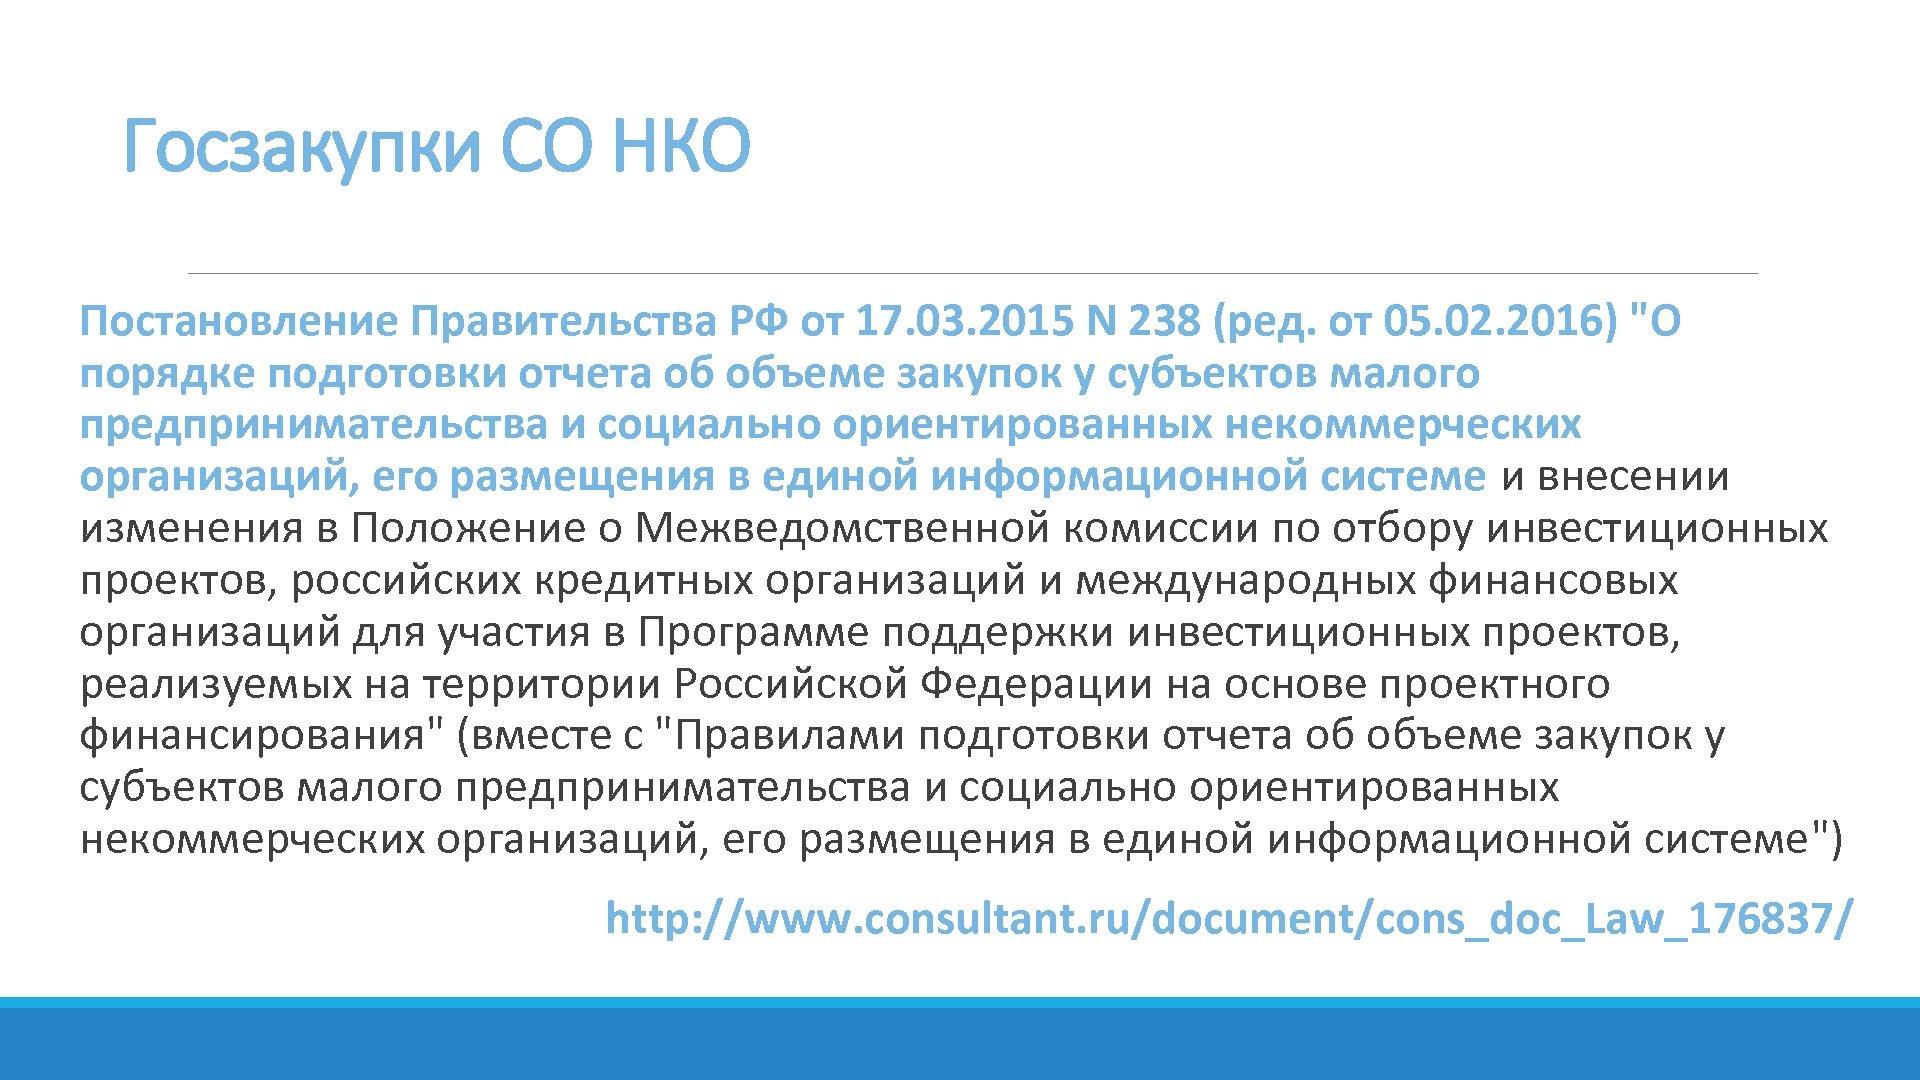 Госзакупки СО НКО Постановление Правительства РФ от 17. 03. 2015 N 238 (ред. от